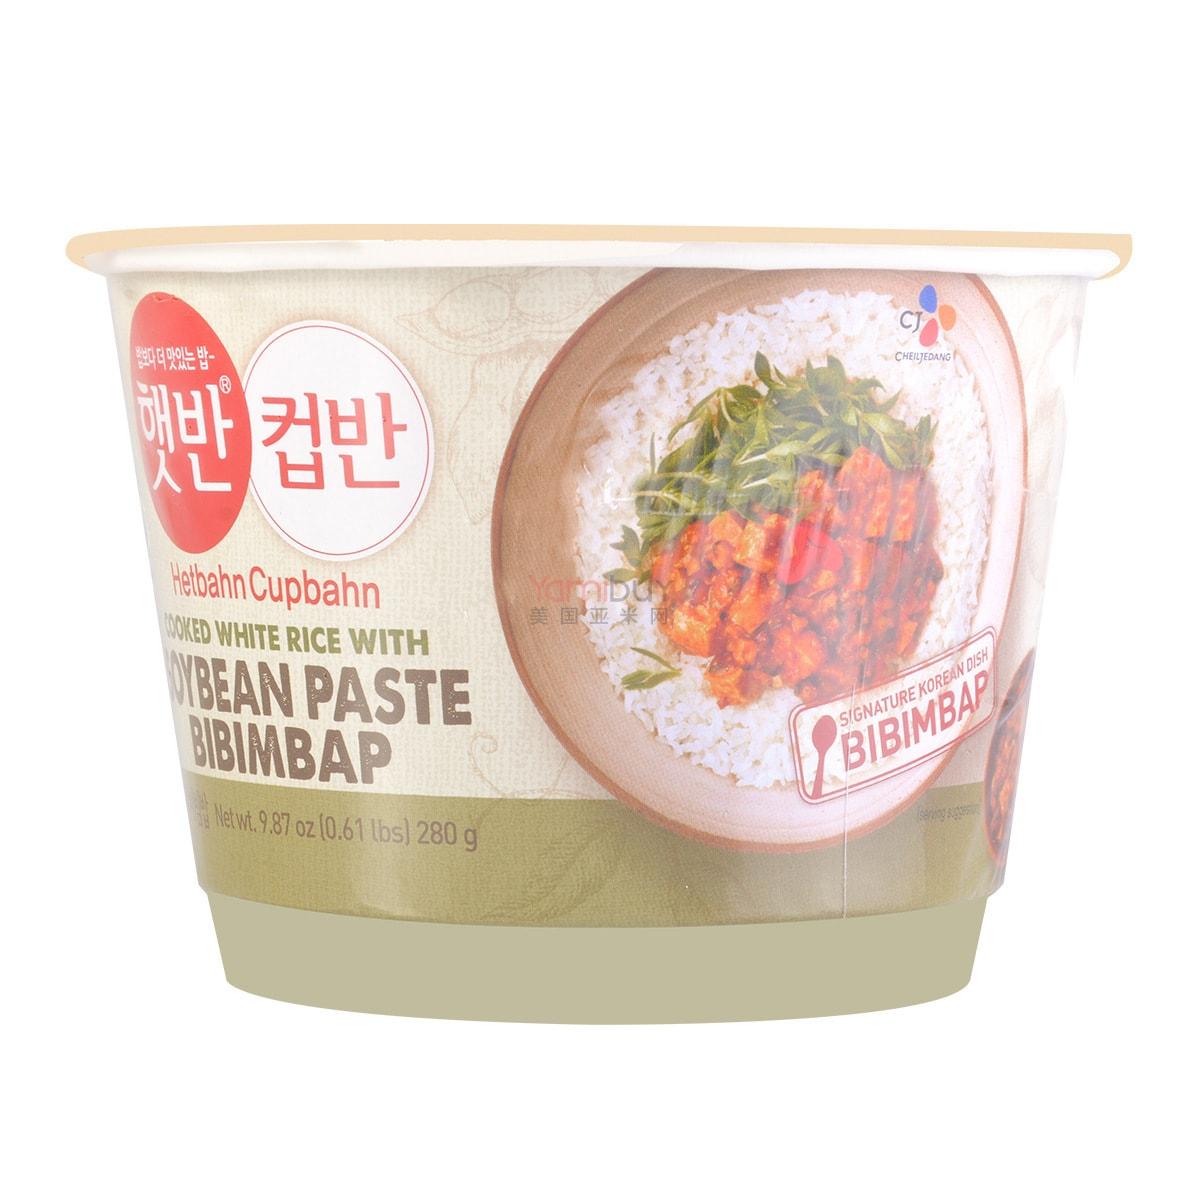 韩国CJ希杰 韩式BIBIMBAP拌饭 韩式豆酱味 280g